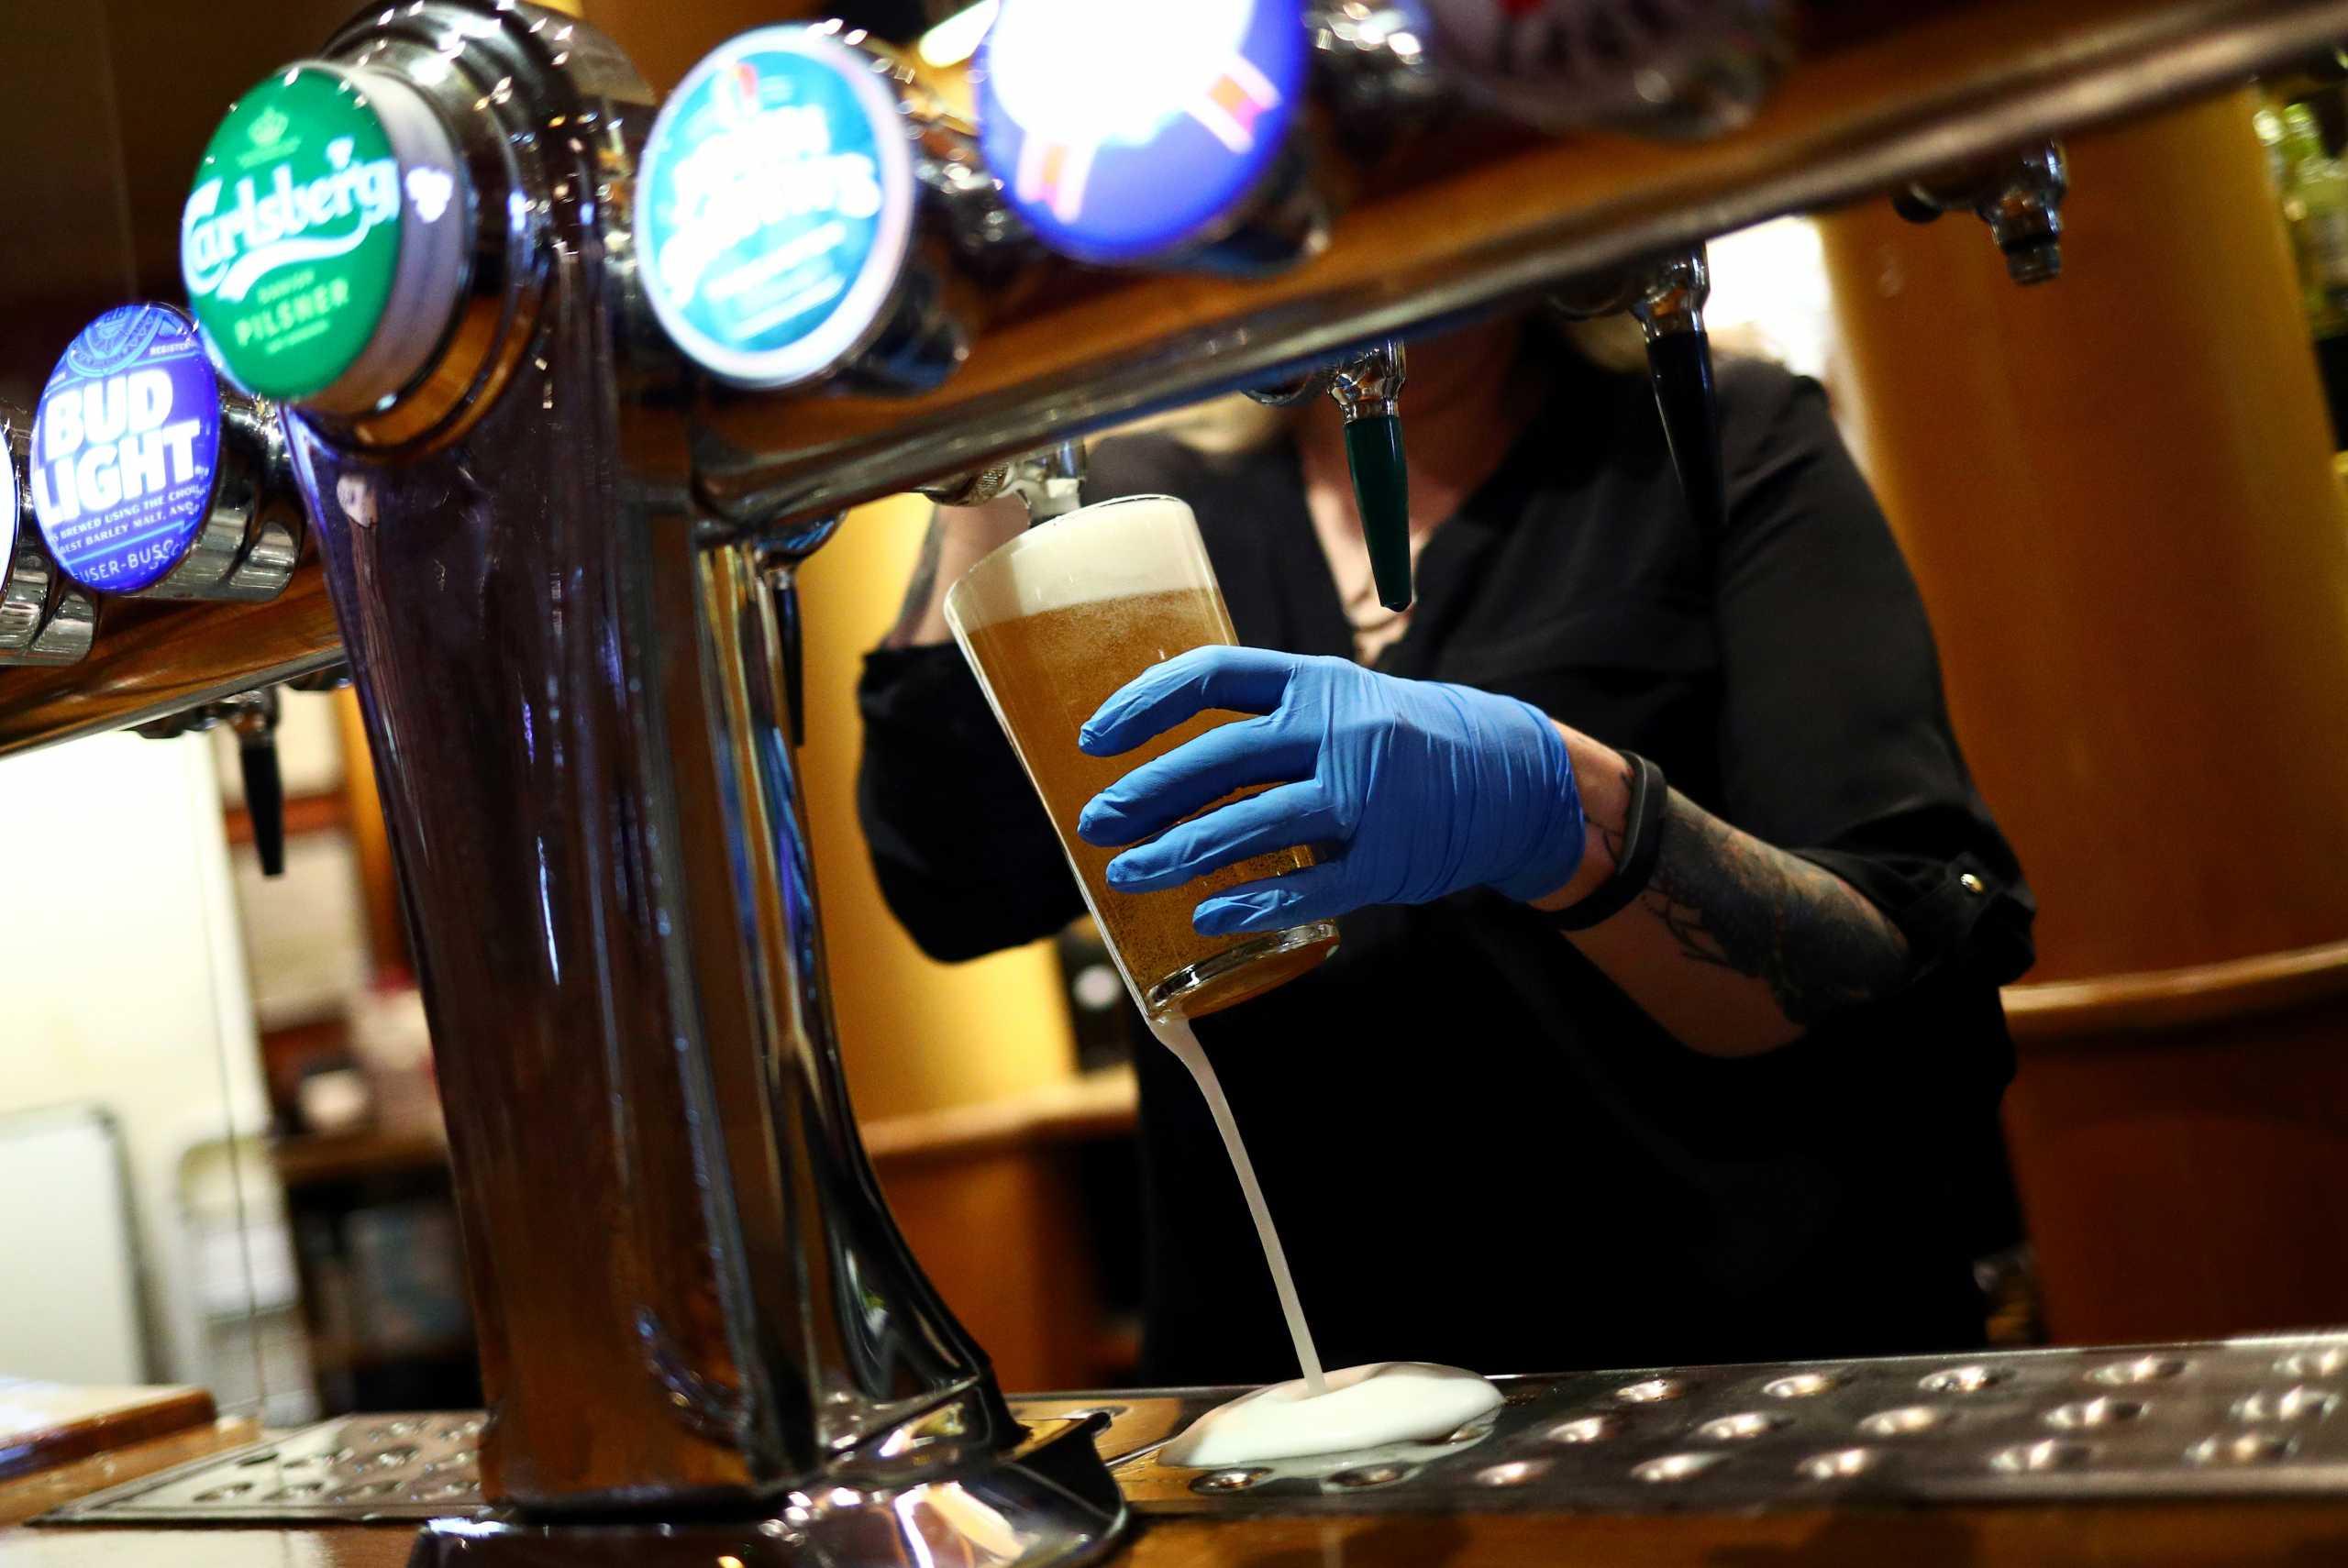 Ο κορονοϊός «χτύπησε» την κατανάλωση μπύρας στη Γερμανία – Ιστορικά χαμηλό επίπεδο